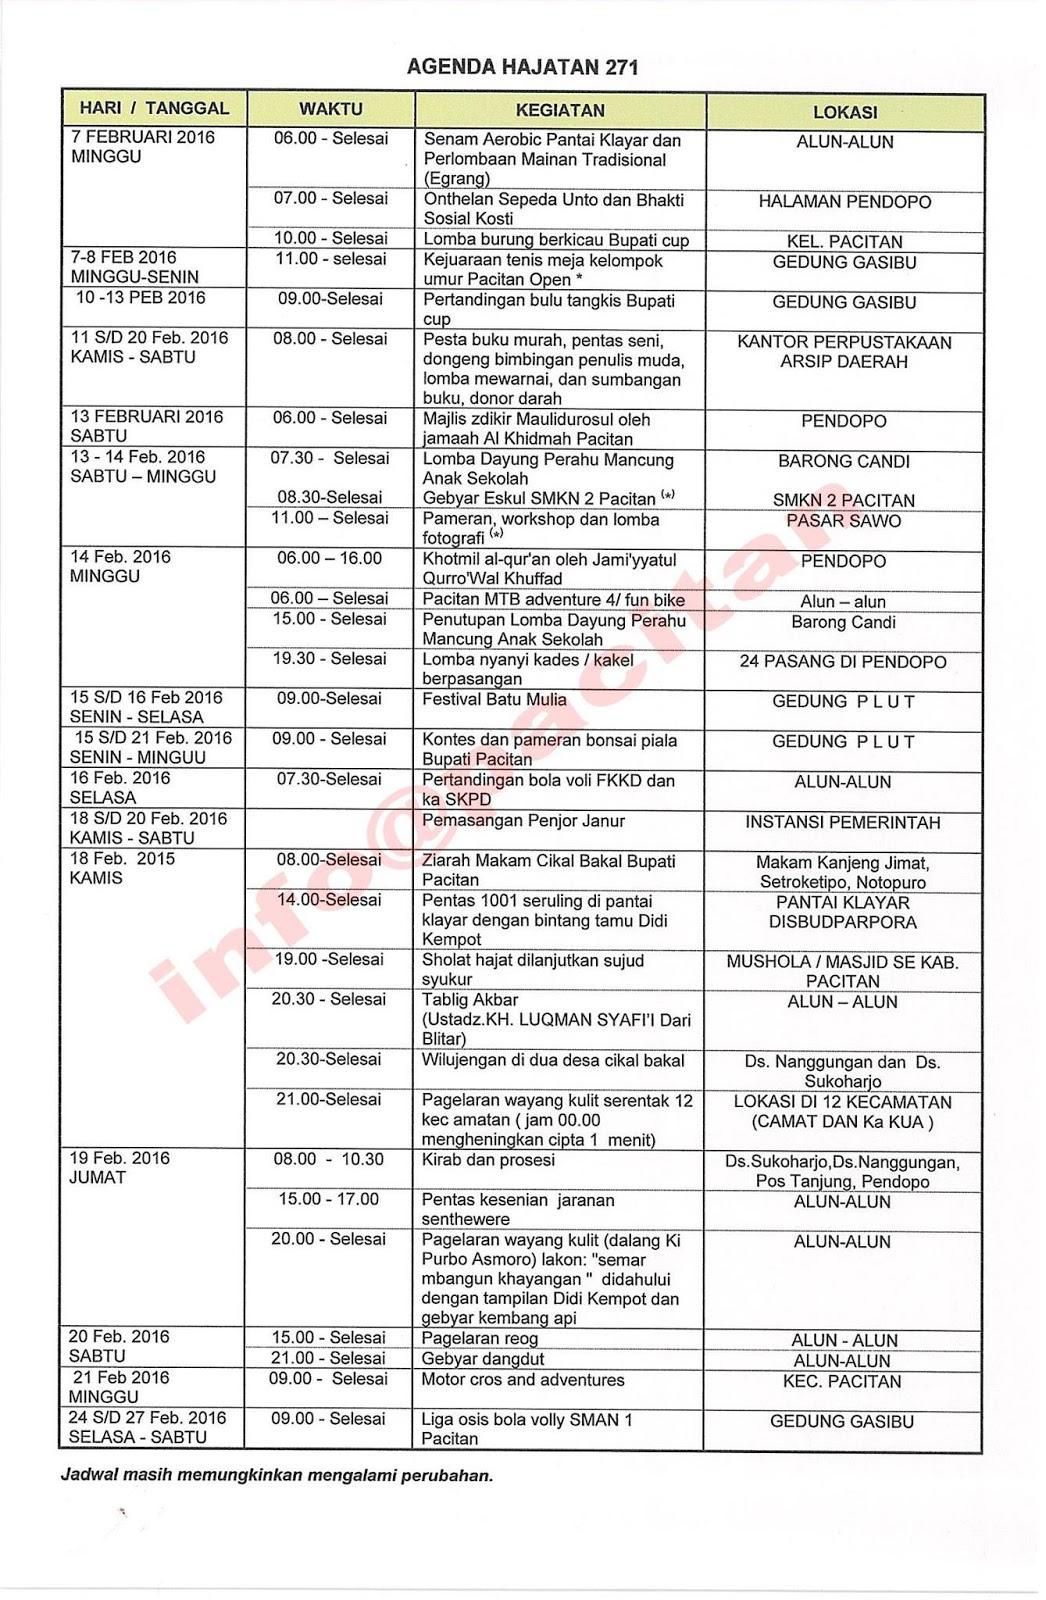 Agenda HAJATAN (Hari Jadi Pacitan) 271 [image by Arif Sasono | Facebook info@pacitan]